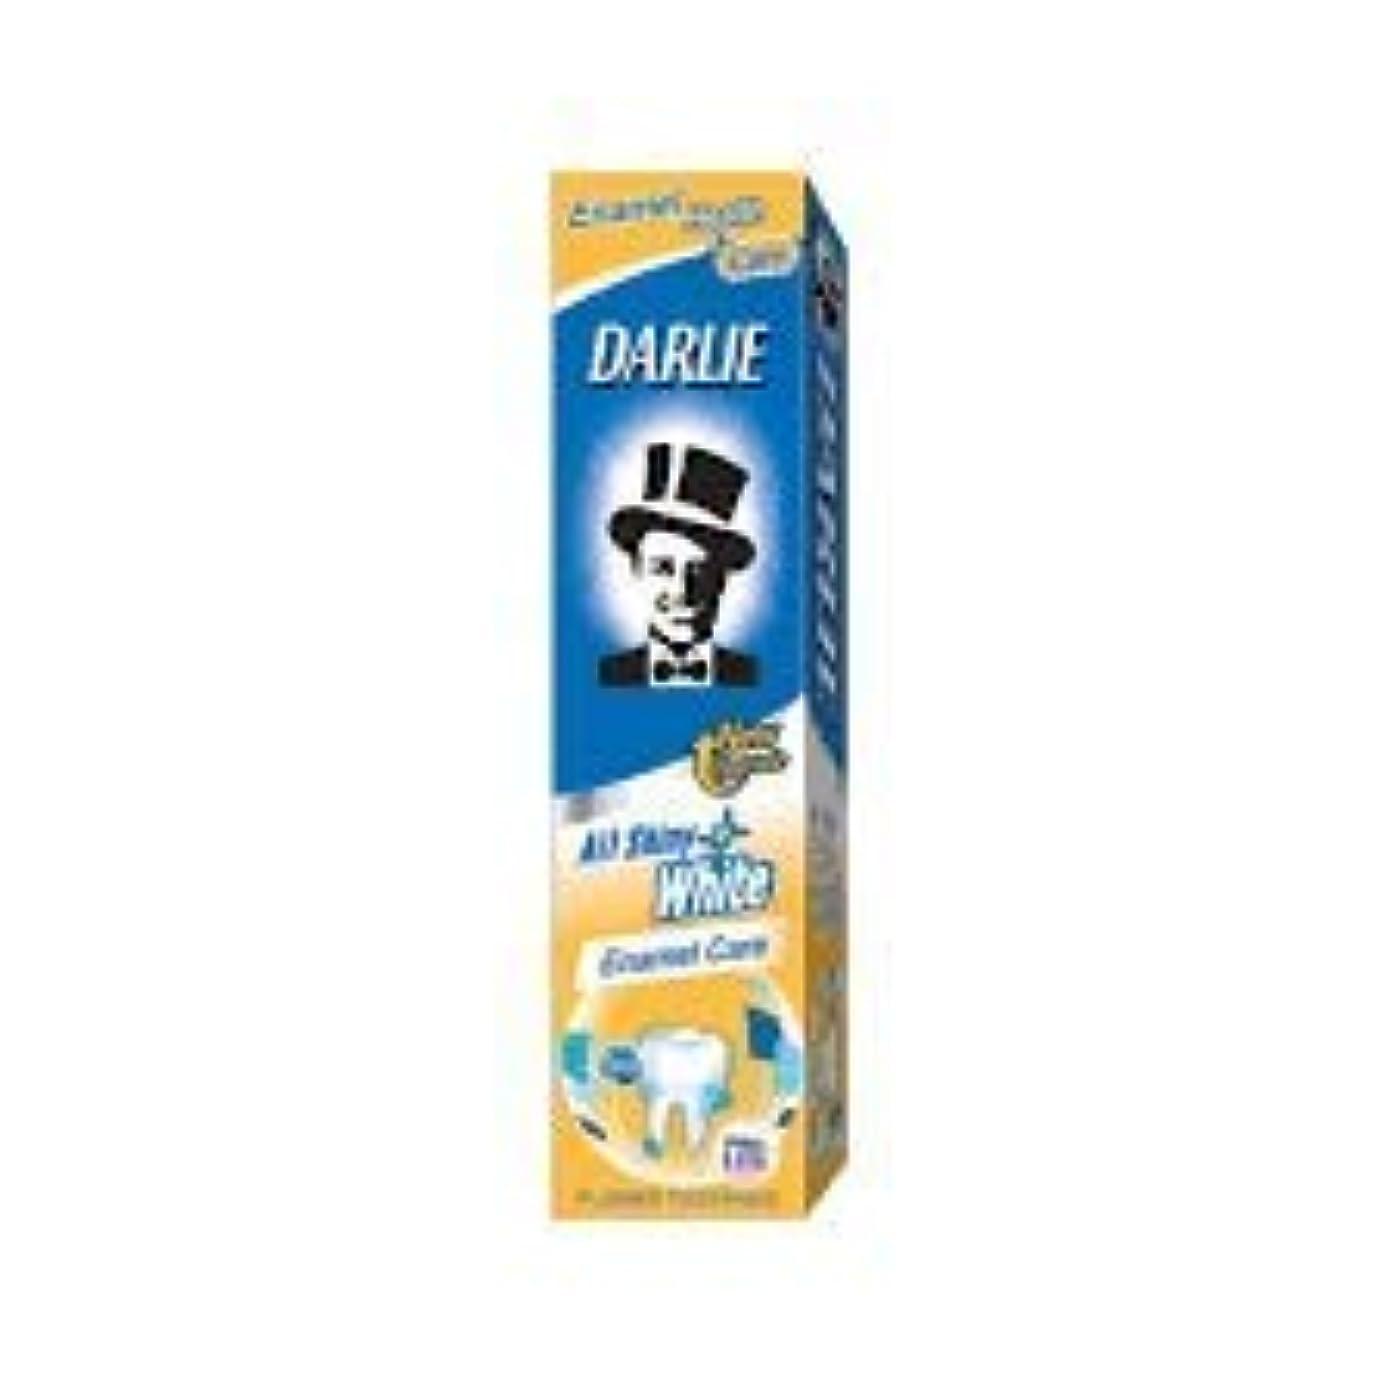 偶然のステレオ発表DARLIE 含むフッ素戦うされたチャンバと、歯を保護する - 全て歯磨き粉光沢のある白色エナメル140グラム気